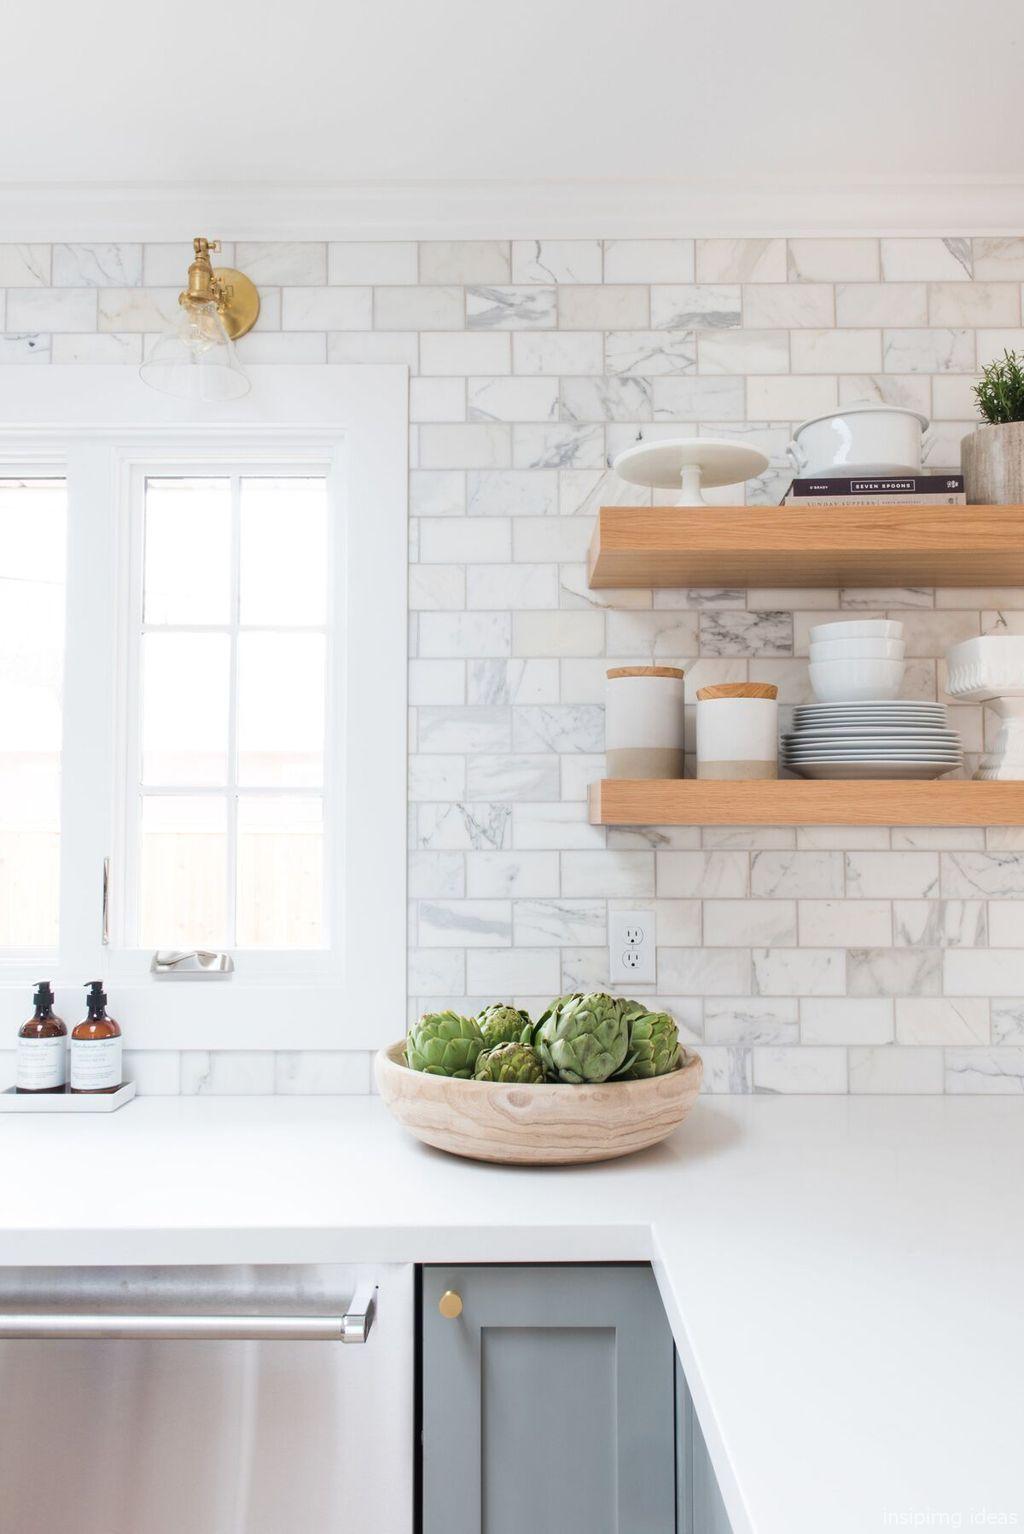 Pin von Karly Ernster auf home | Pinterest | Küche